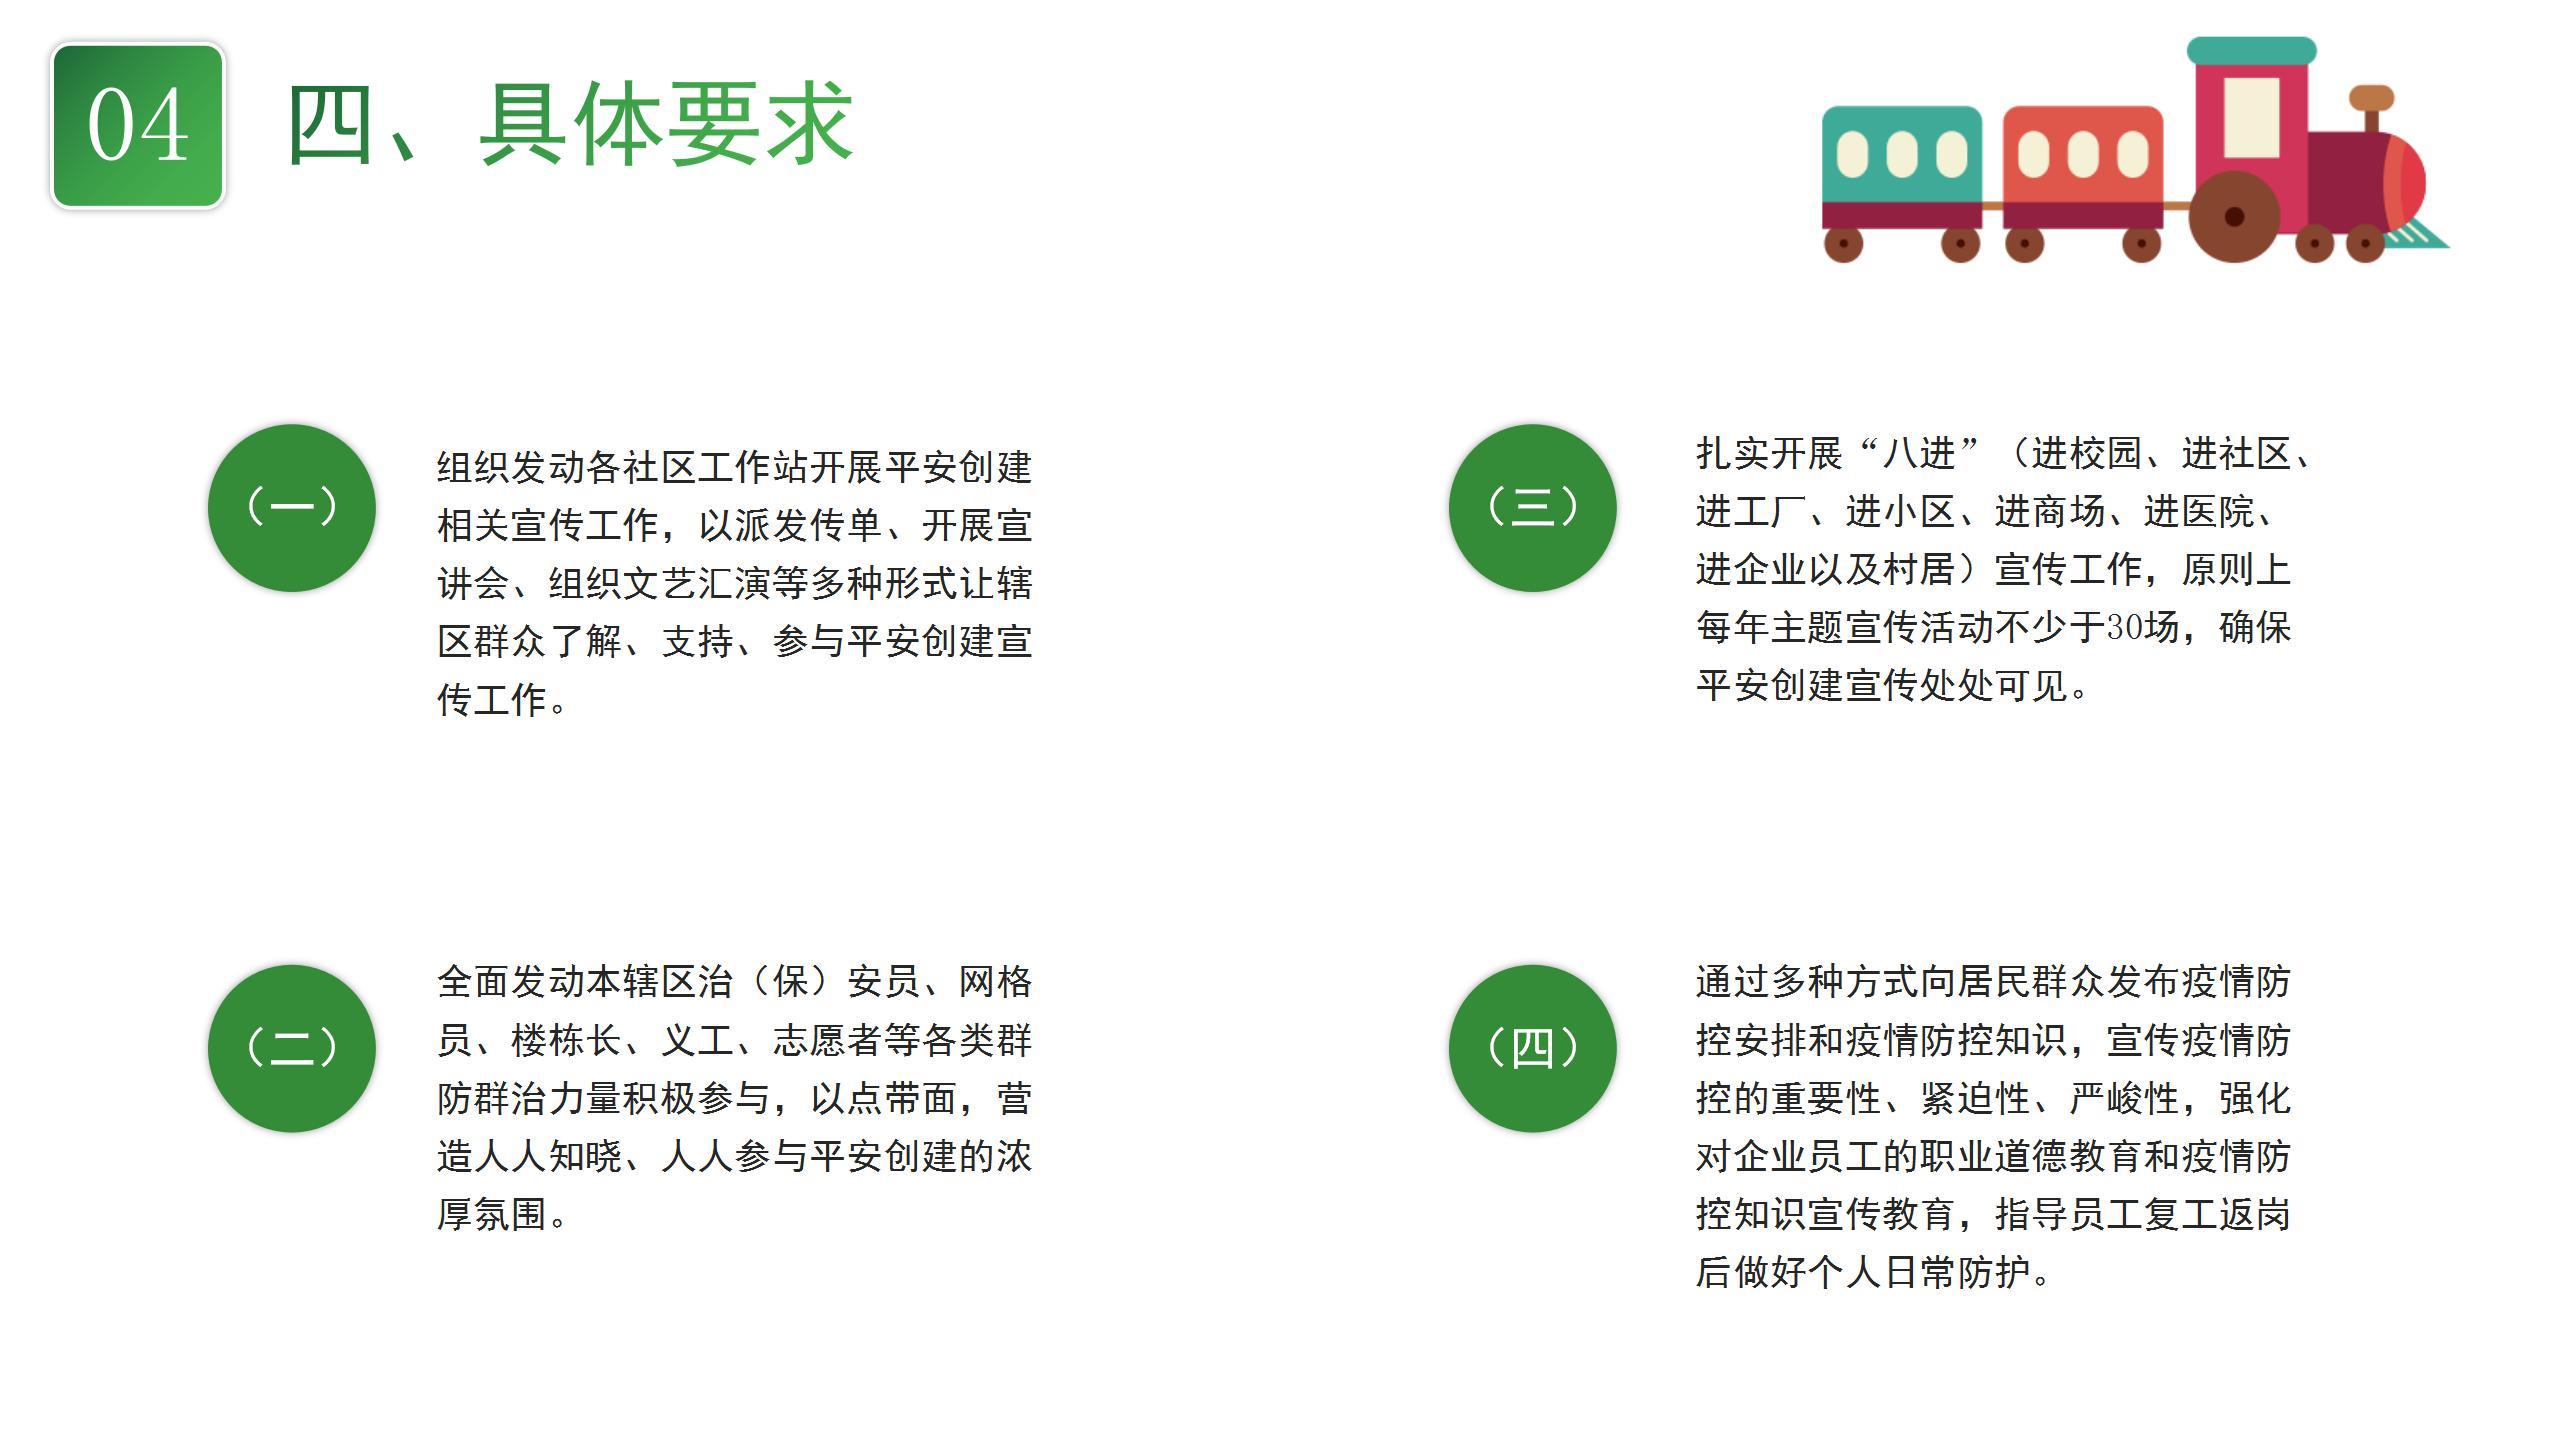 龙城街道2020年度平安创建宣传工作方案_07.jpg